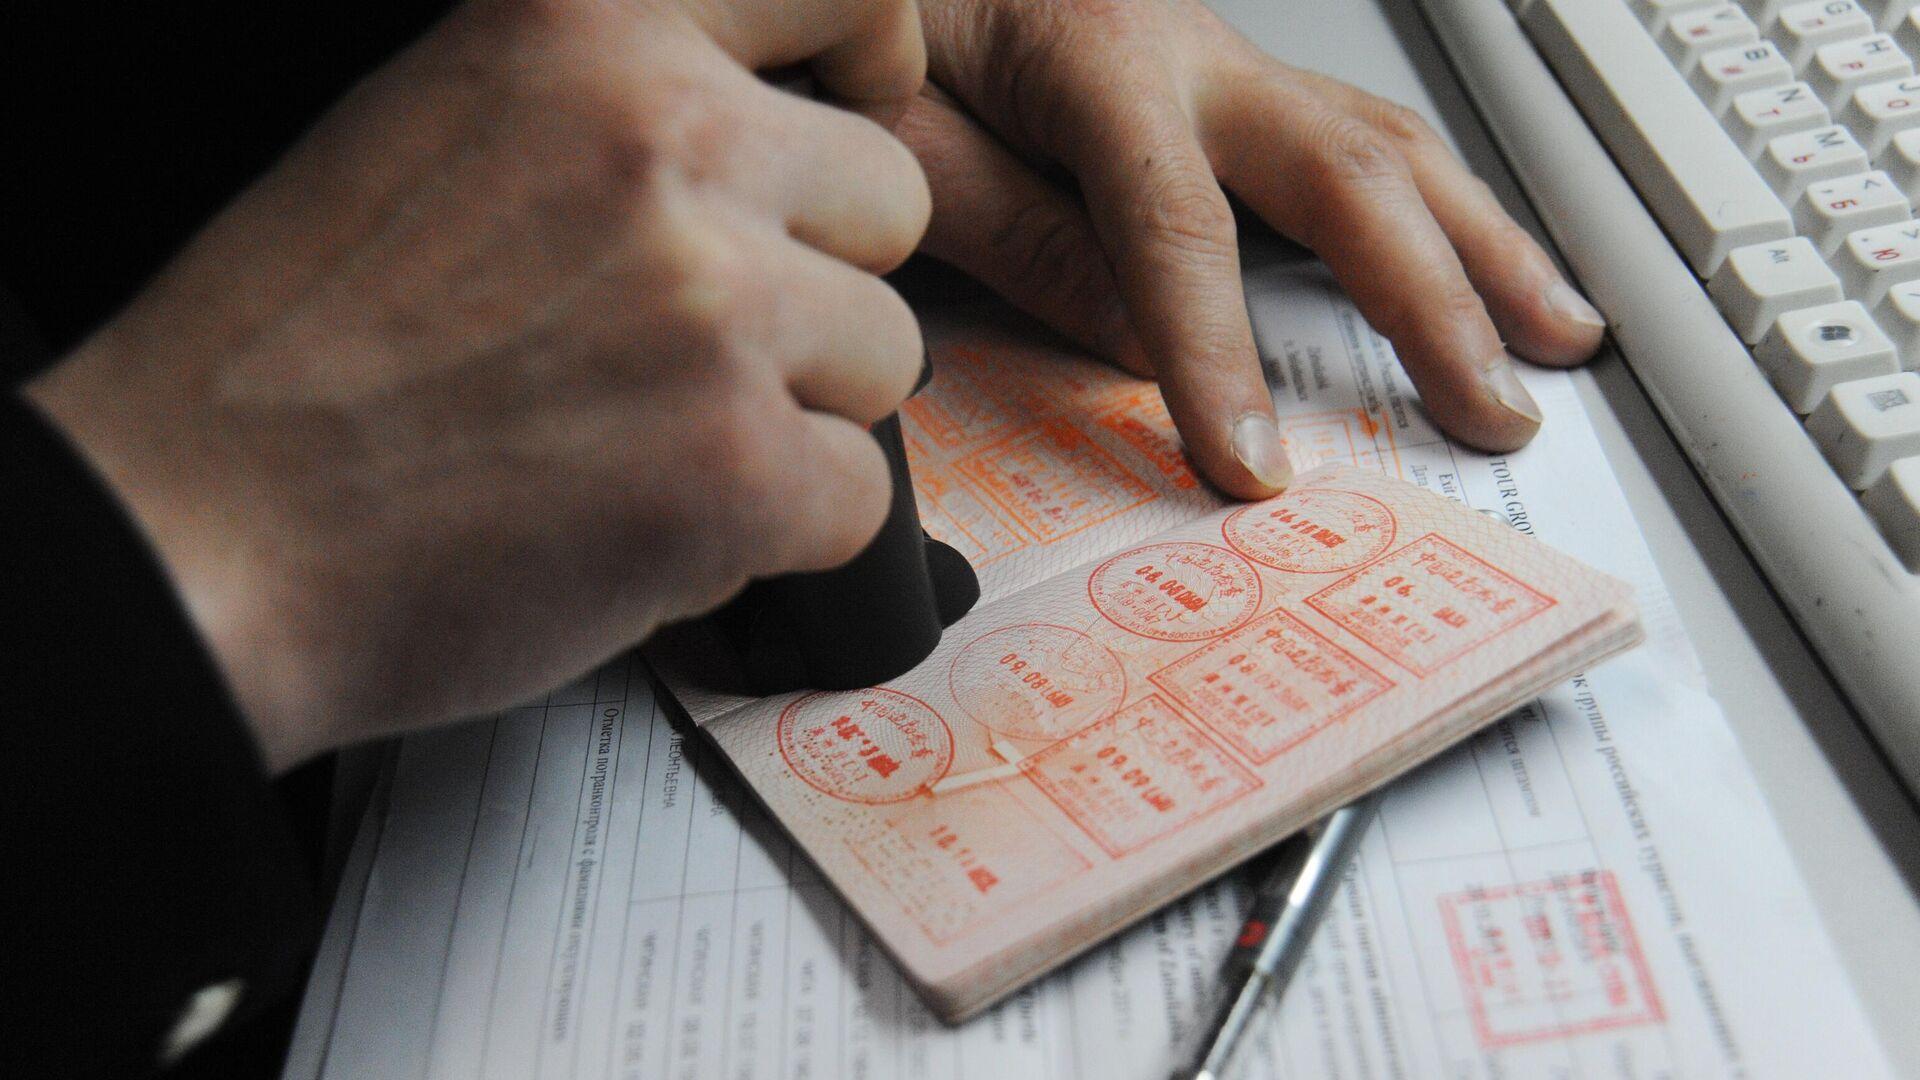 Печати в паспорте гражданина, проходящего пограничный контроль на автомобильном пункте пропуска на российско-китайской границе между городами Забайльском и Маньчжурией - РИА Новости, 1920, 05.11.2020